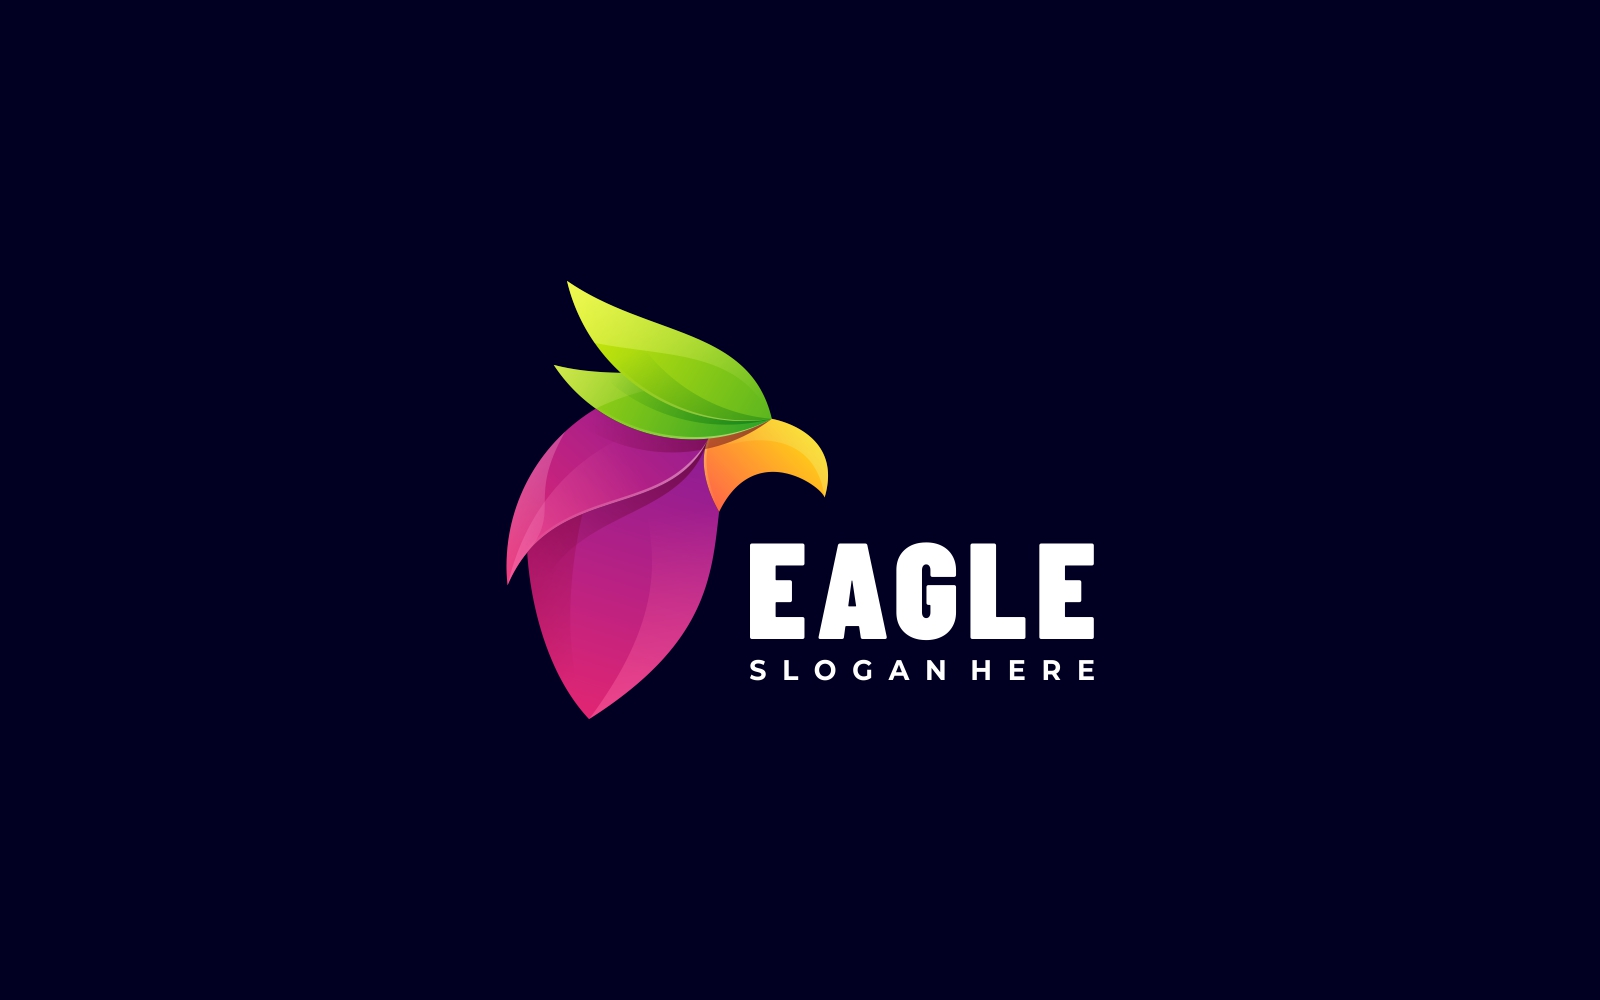 Eagle 3D Gradient Style Logo